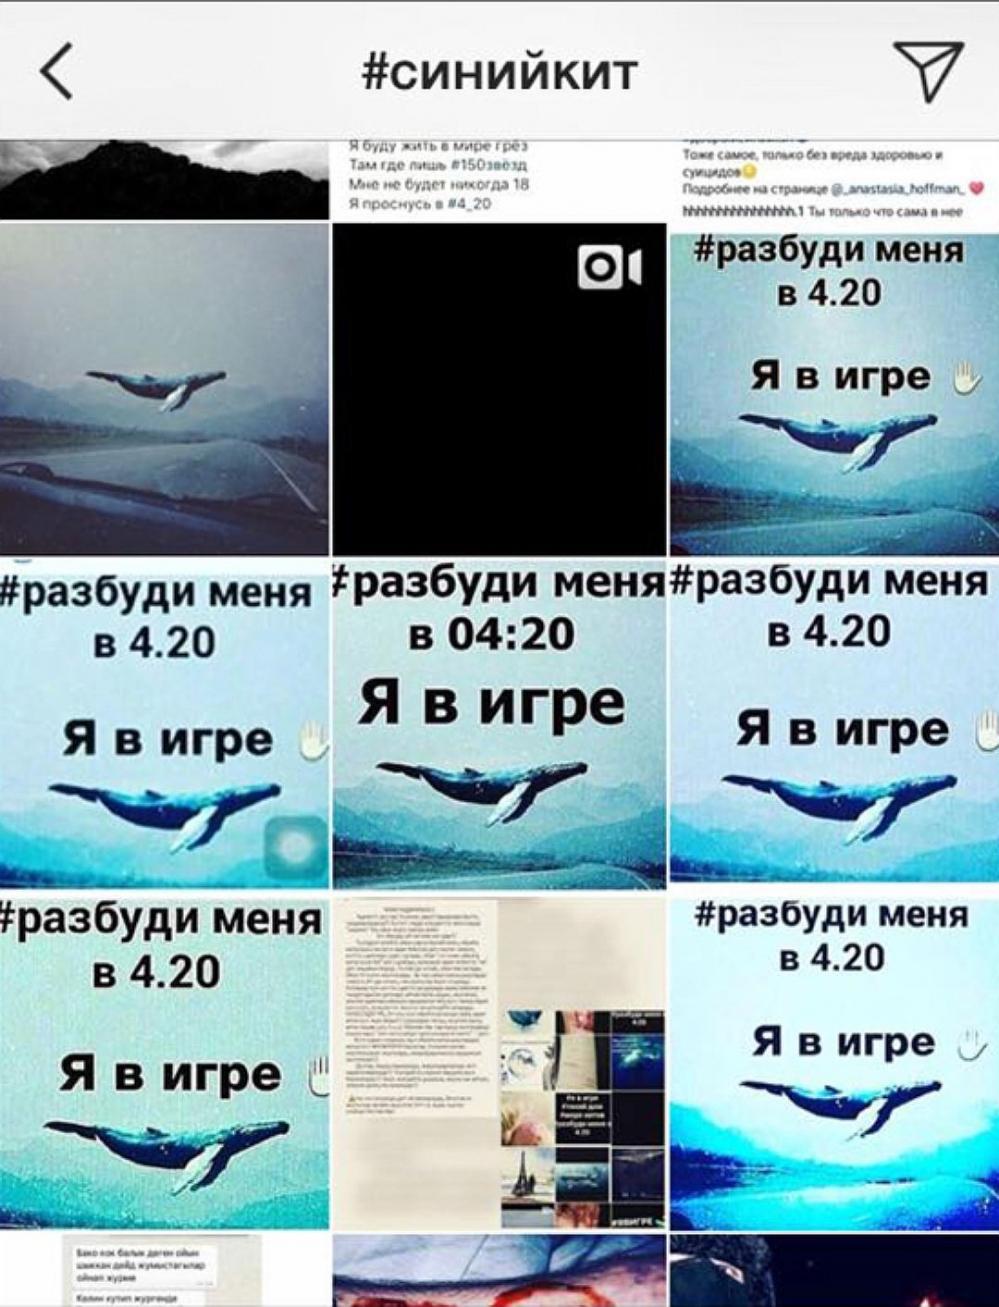 «Группы смерти» постепенно перекочевывают в другую соцсеть - Instagram